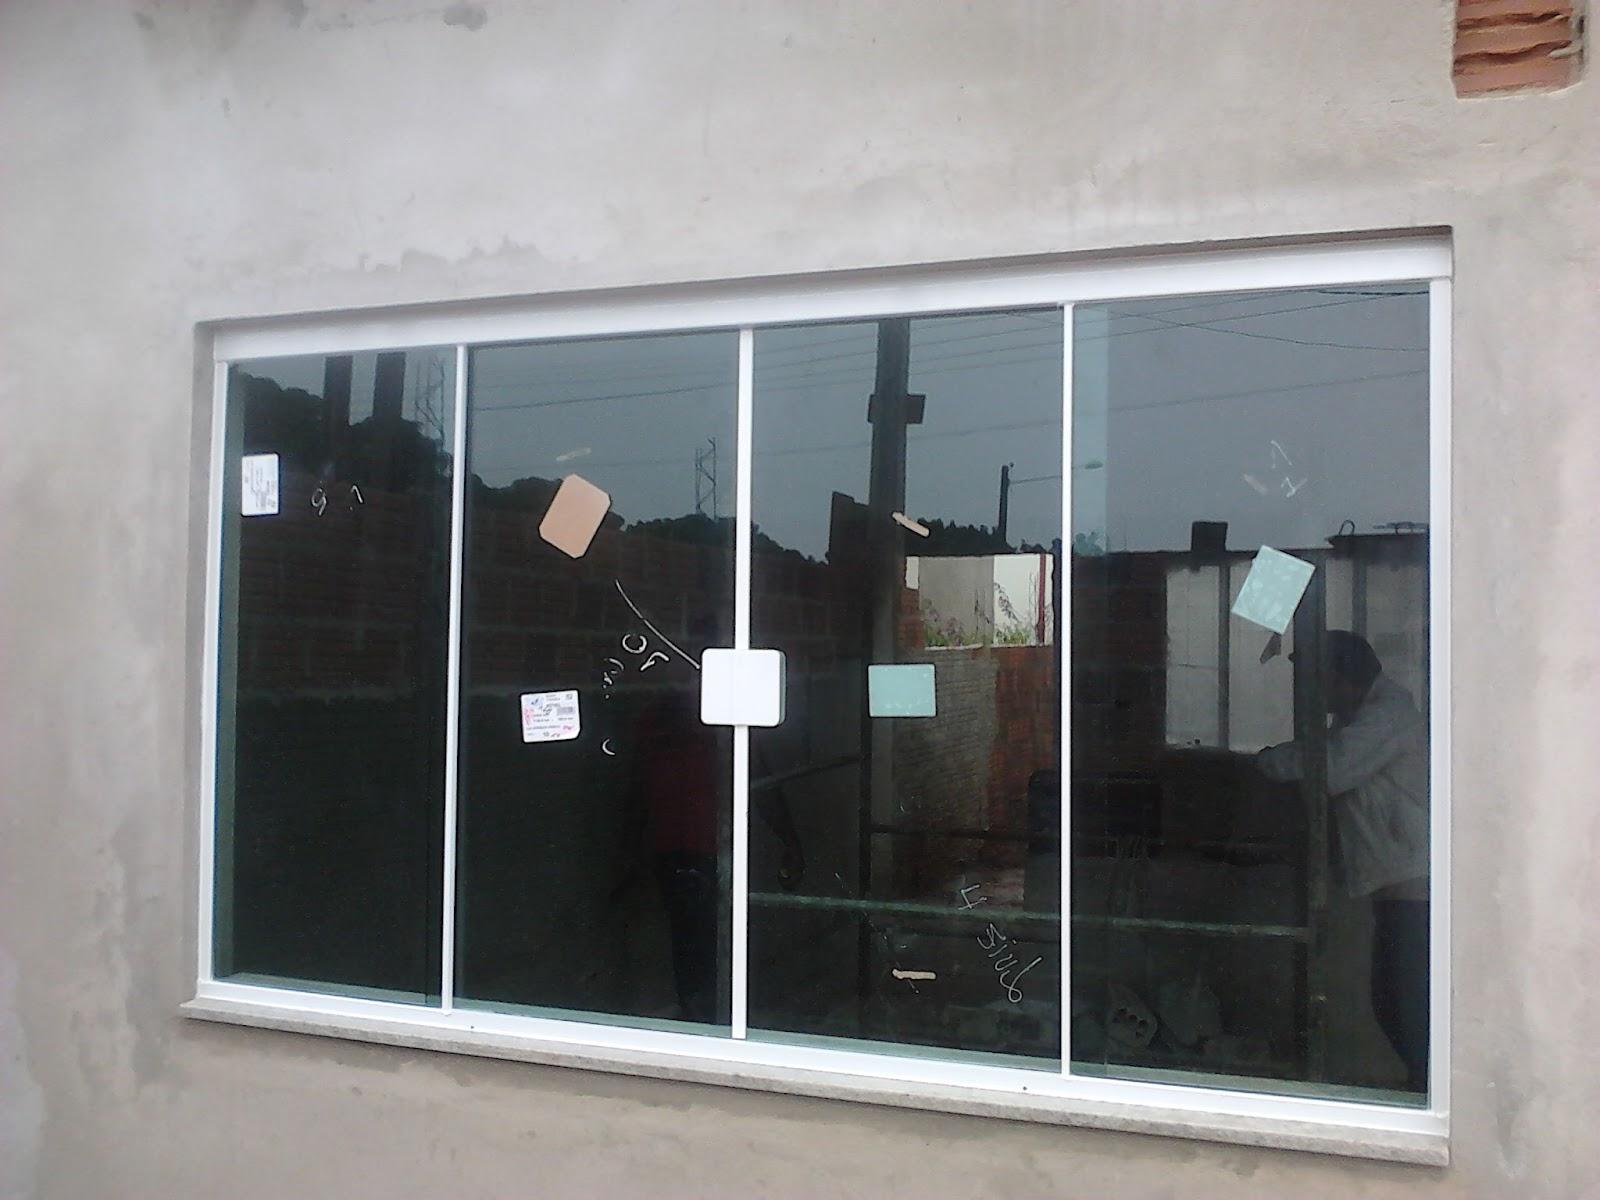 #775F4F FRANCO VIDROS TEMPERADOS: Obra em Ourinhos  848 Manutenção Em Janelas De Aluminio Em Bh